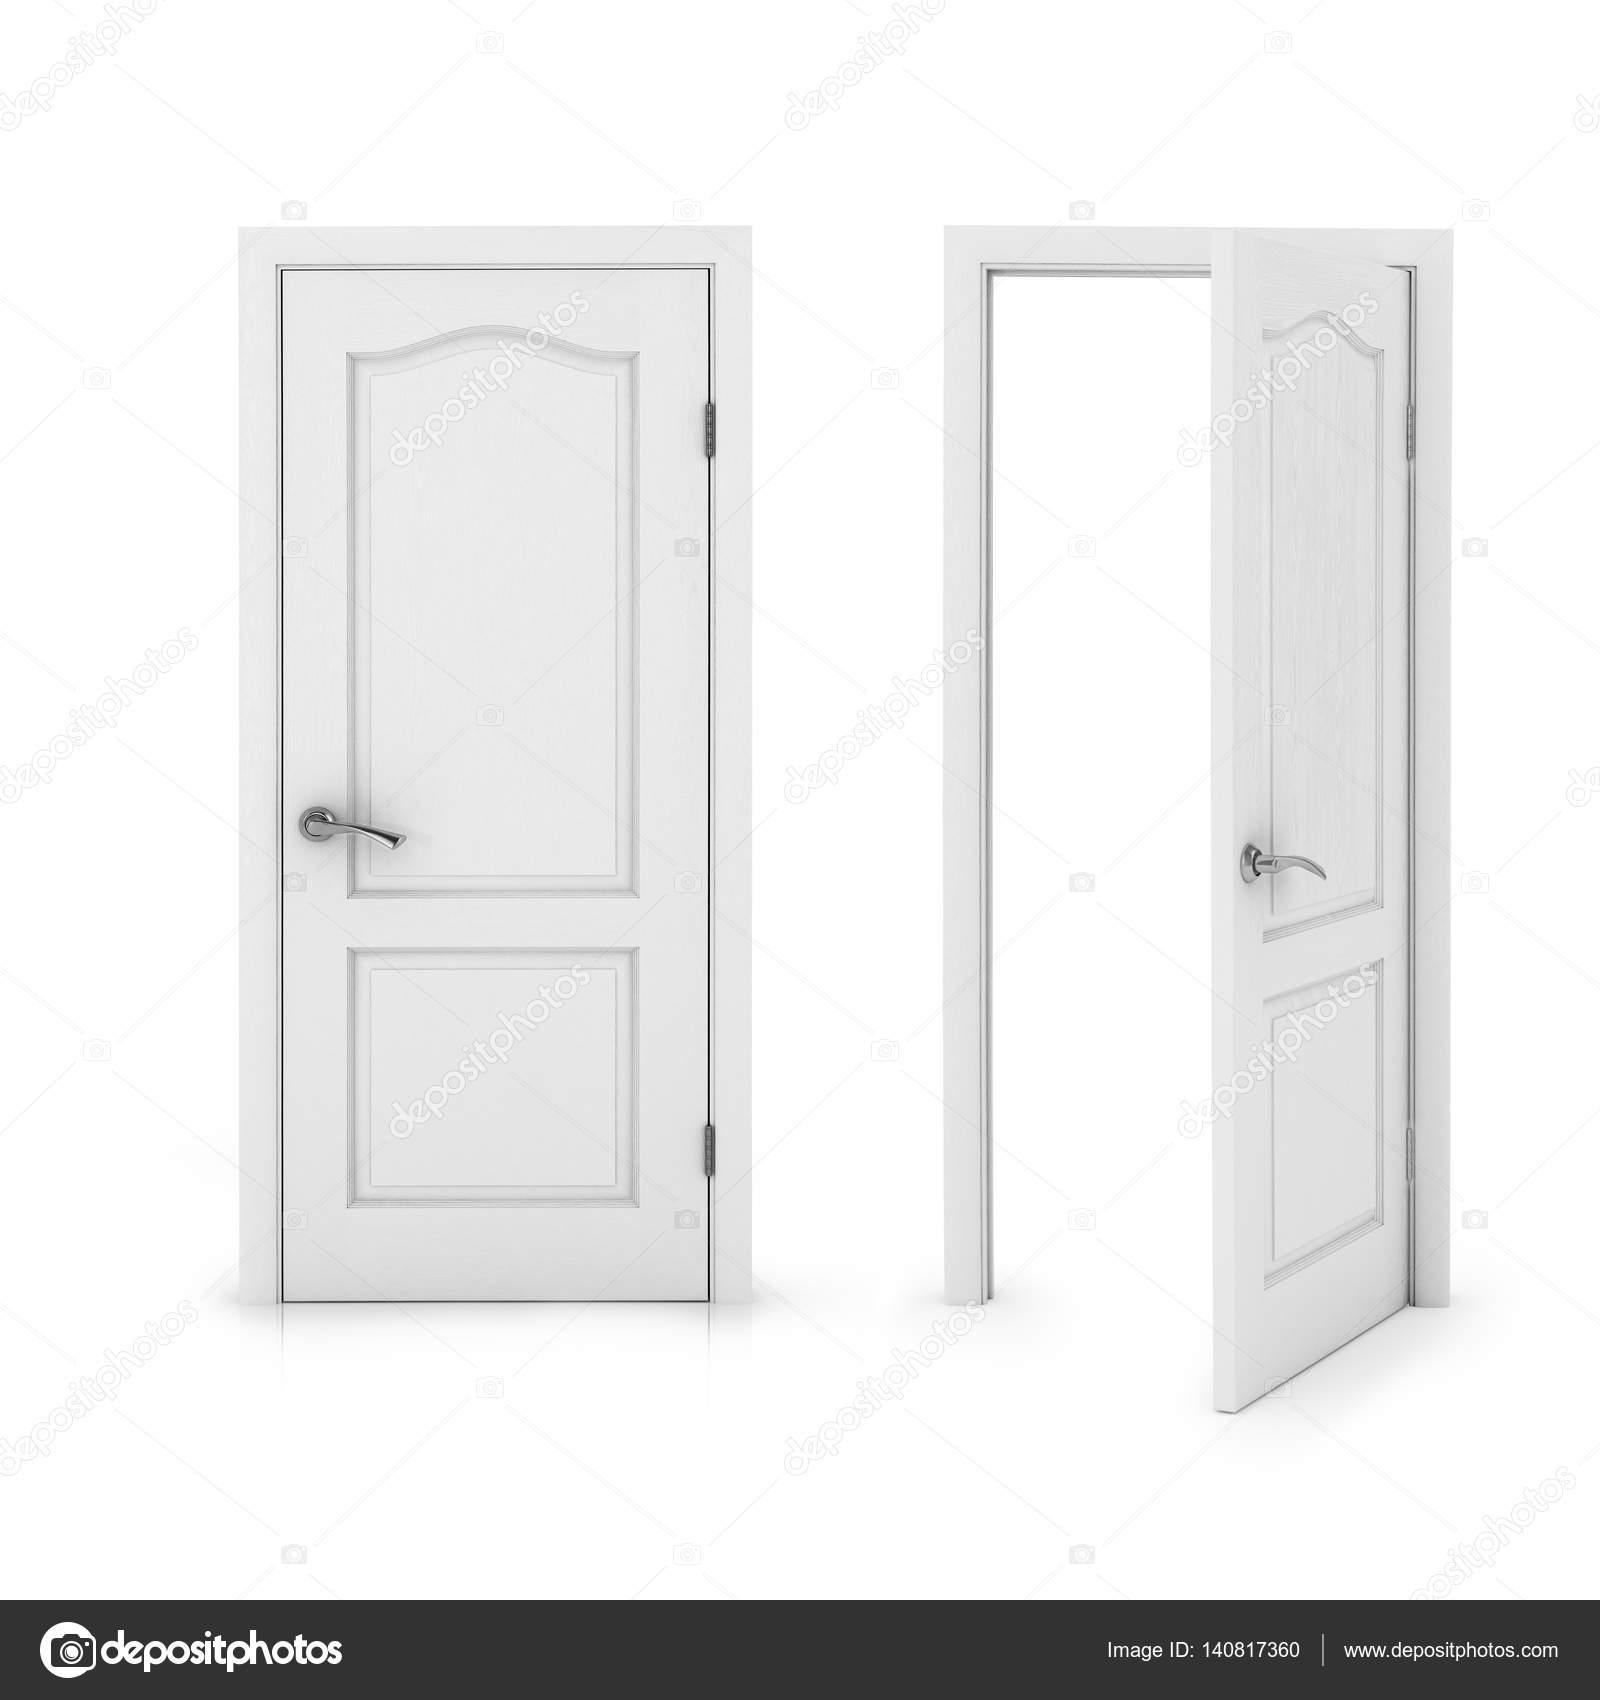 Open Door 3d Illustration Stock Photo Urfingus 140817360